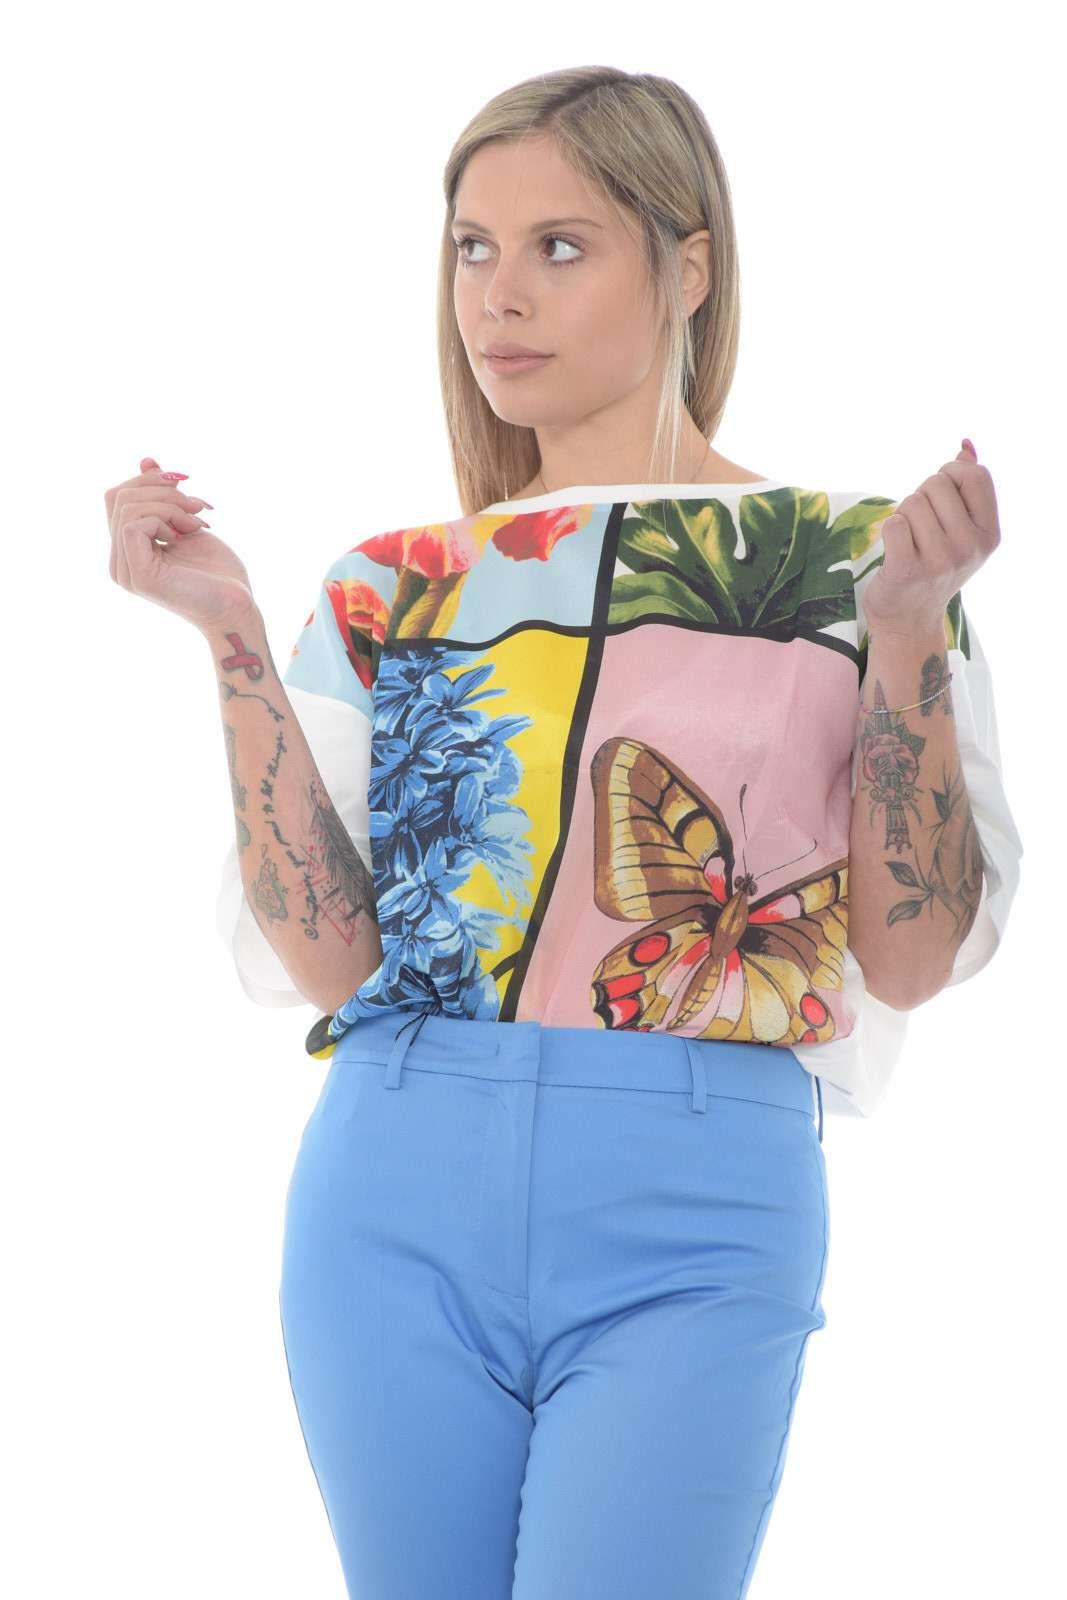 Una blusa con inserto in seta dal gusto chic quello firmato dalla collezione donna Weekend MaxMara. La fantasia floreale sul davanti dona un tocco glamour ad un capo basic dall'iconica fantasia floreale. Da indossare con un jeans o con un pantalone chino per un gusto quotidiano e ricercato.